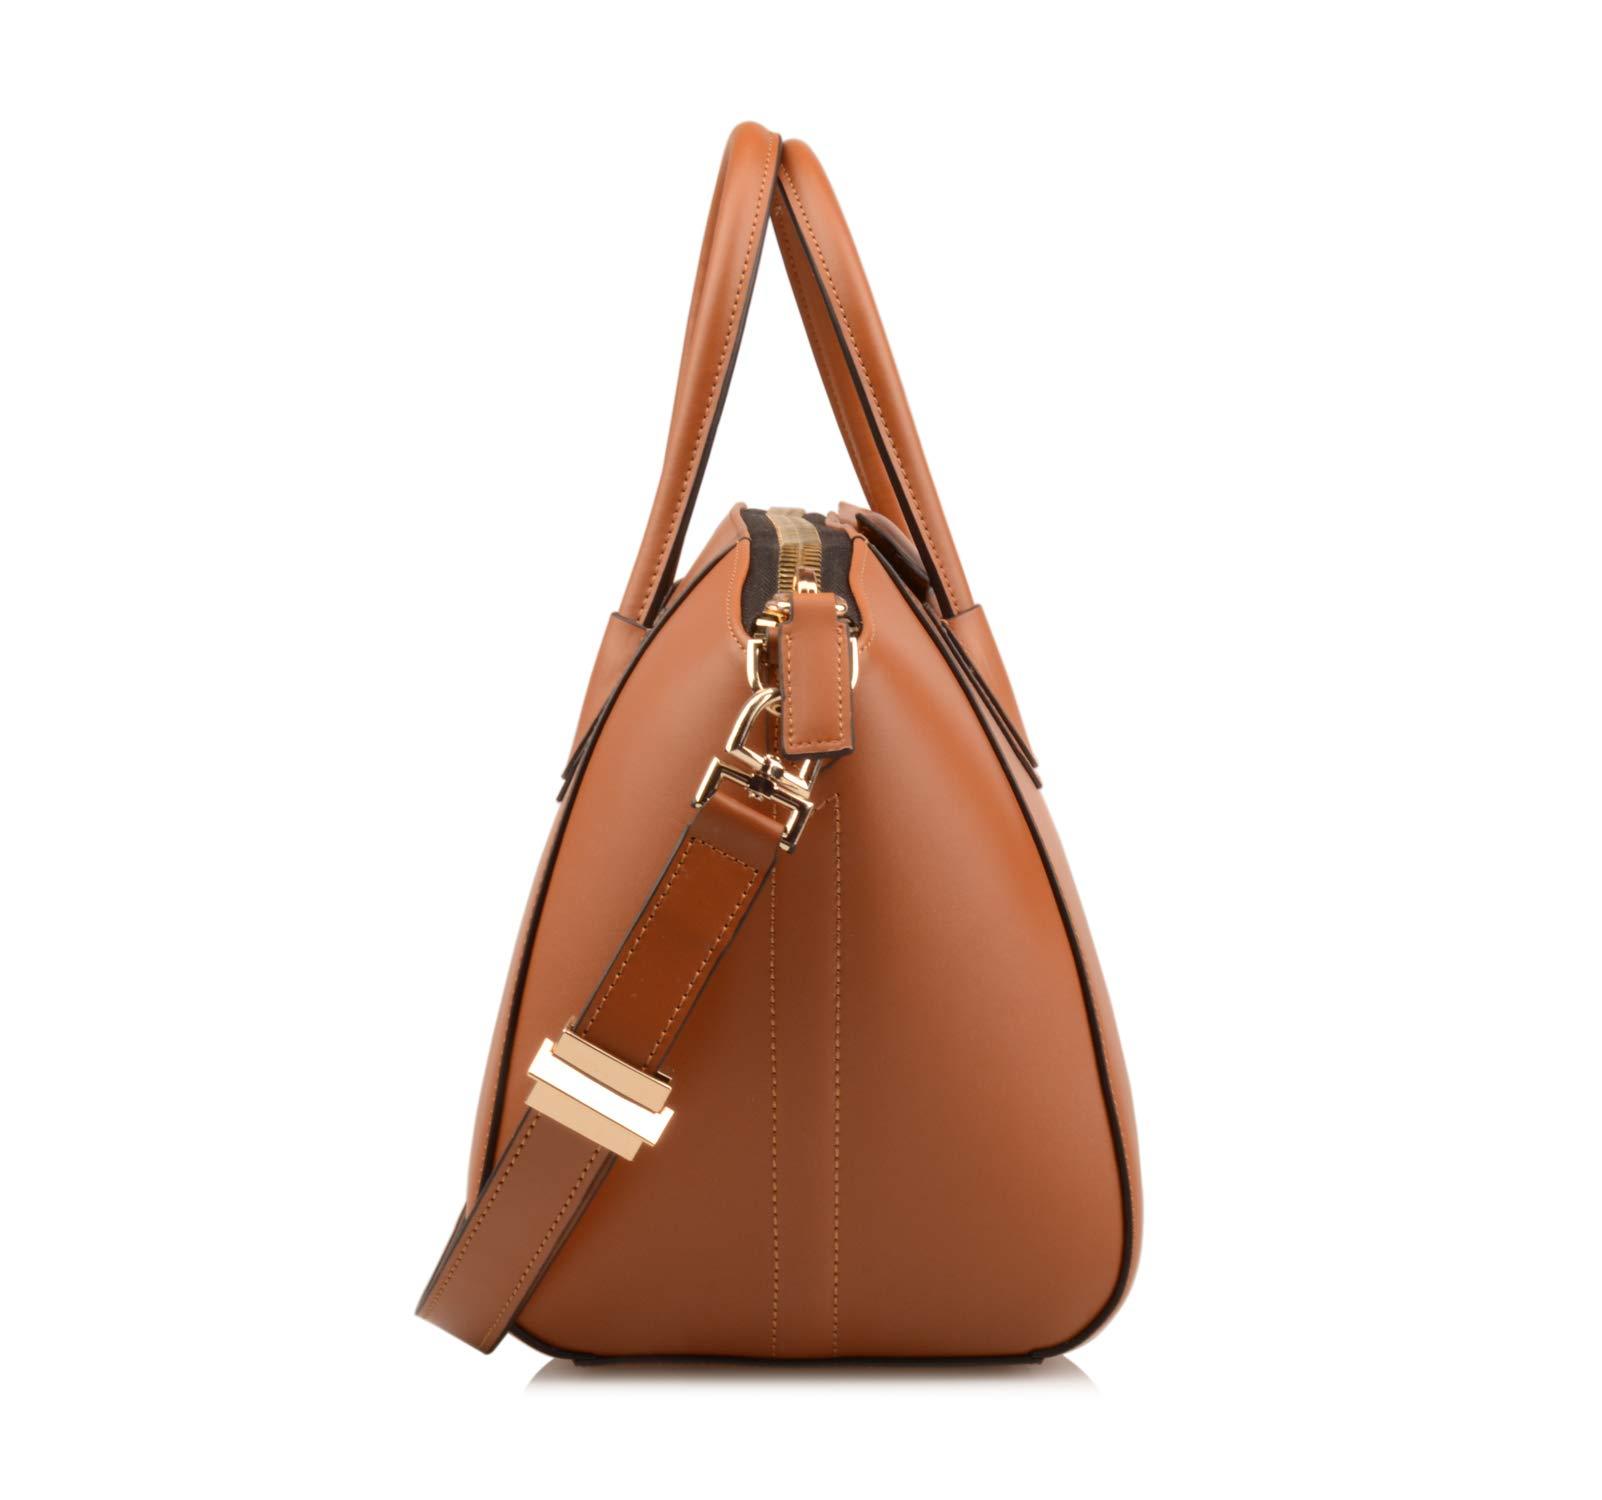 Ainifeel Women's Genuine Leather Simple Everyday Purse Top Handle Handbag Shoulder Handbags(Medium, Brown) by Ainifeel (Image #4)